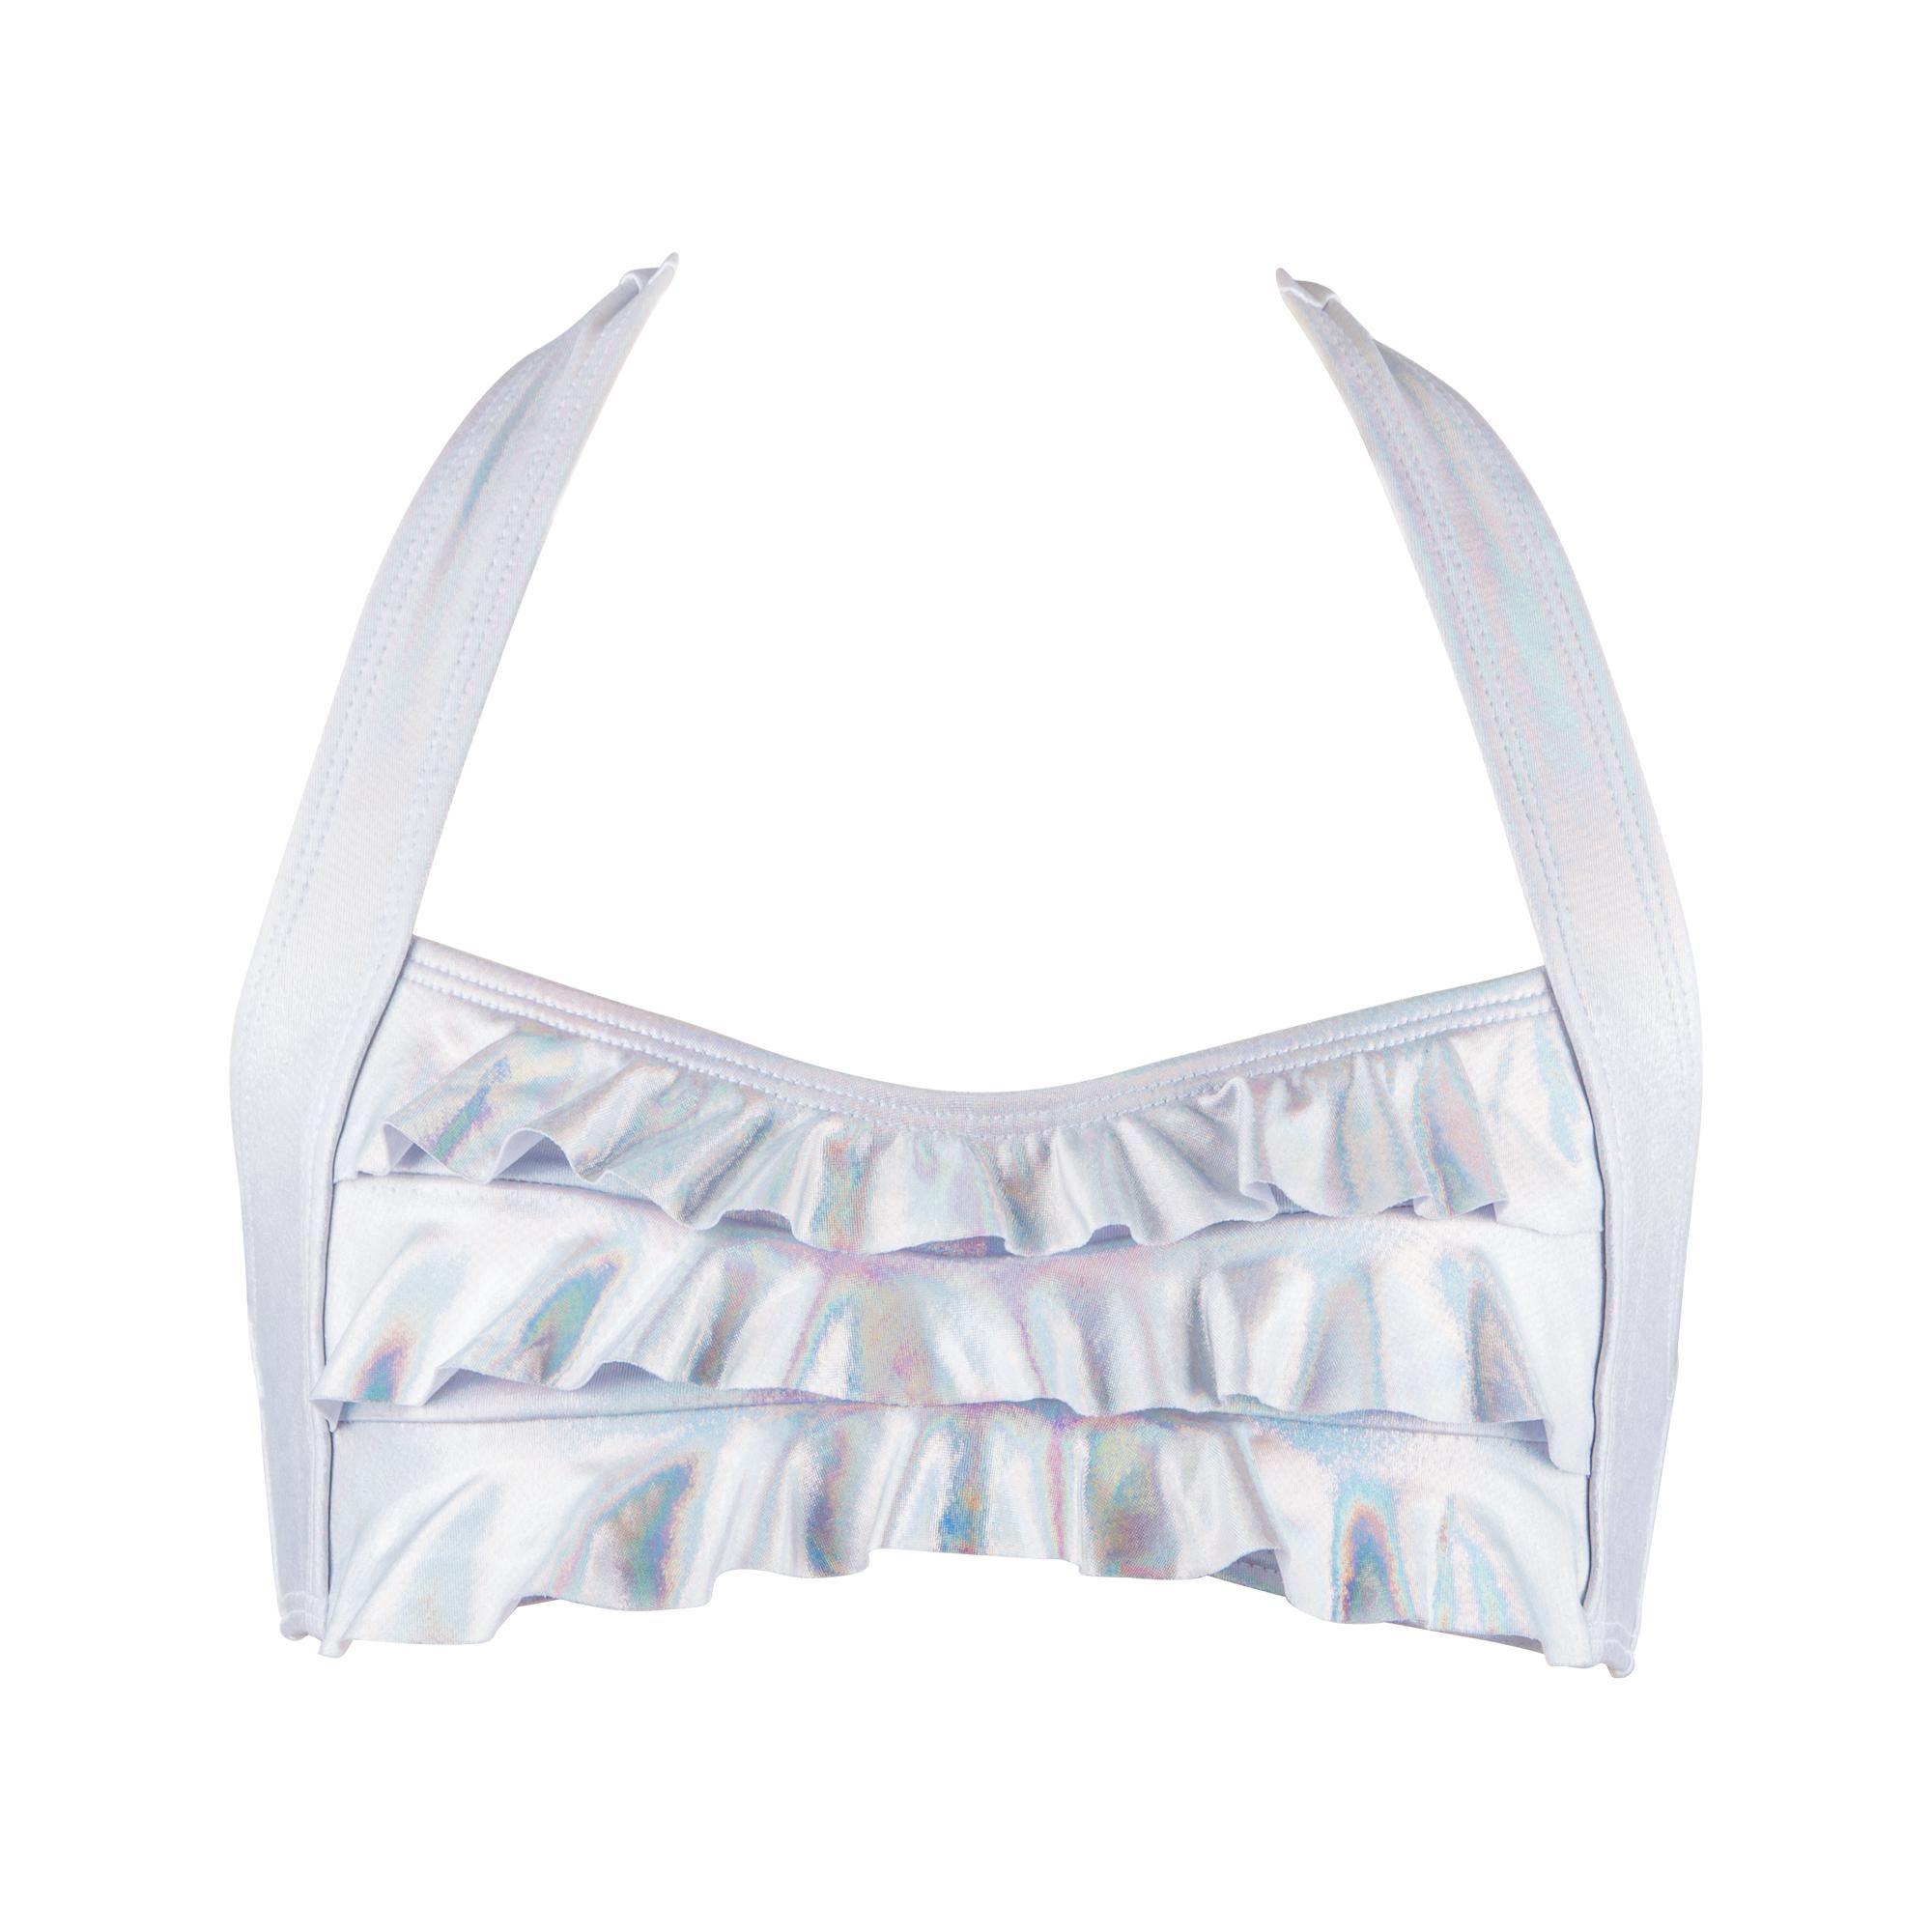 605435485dbbe8 Mermaid Sea Wave Bikini Top in Iridescent